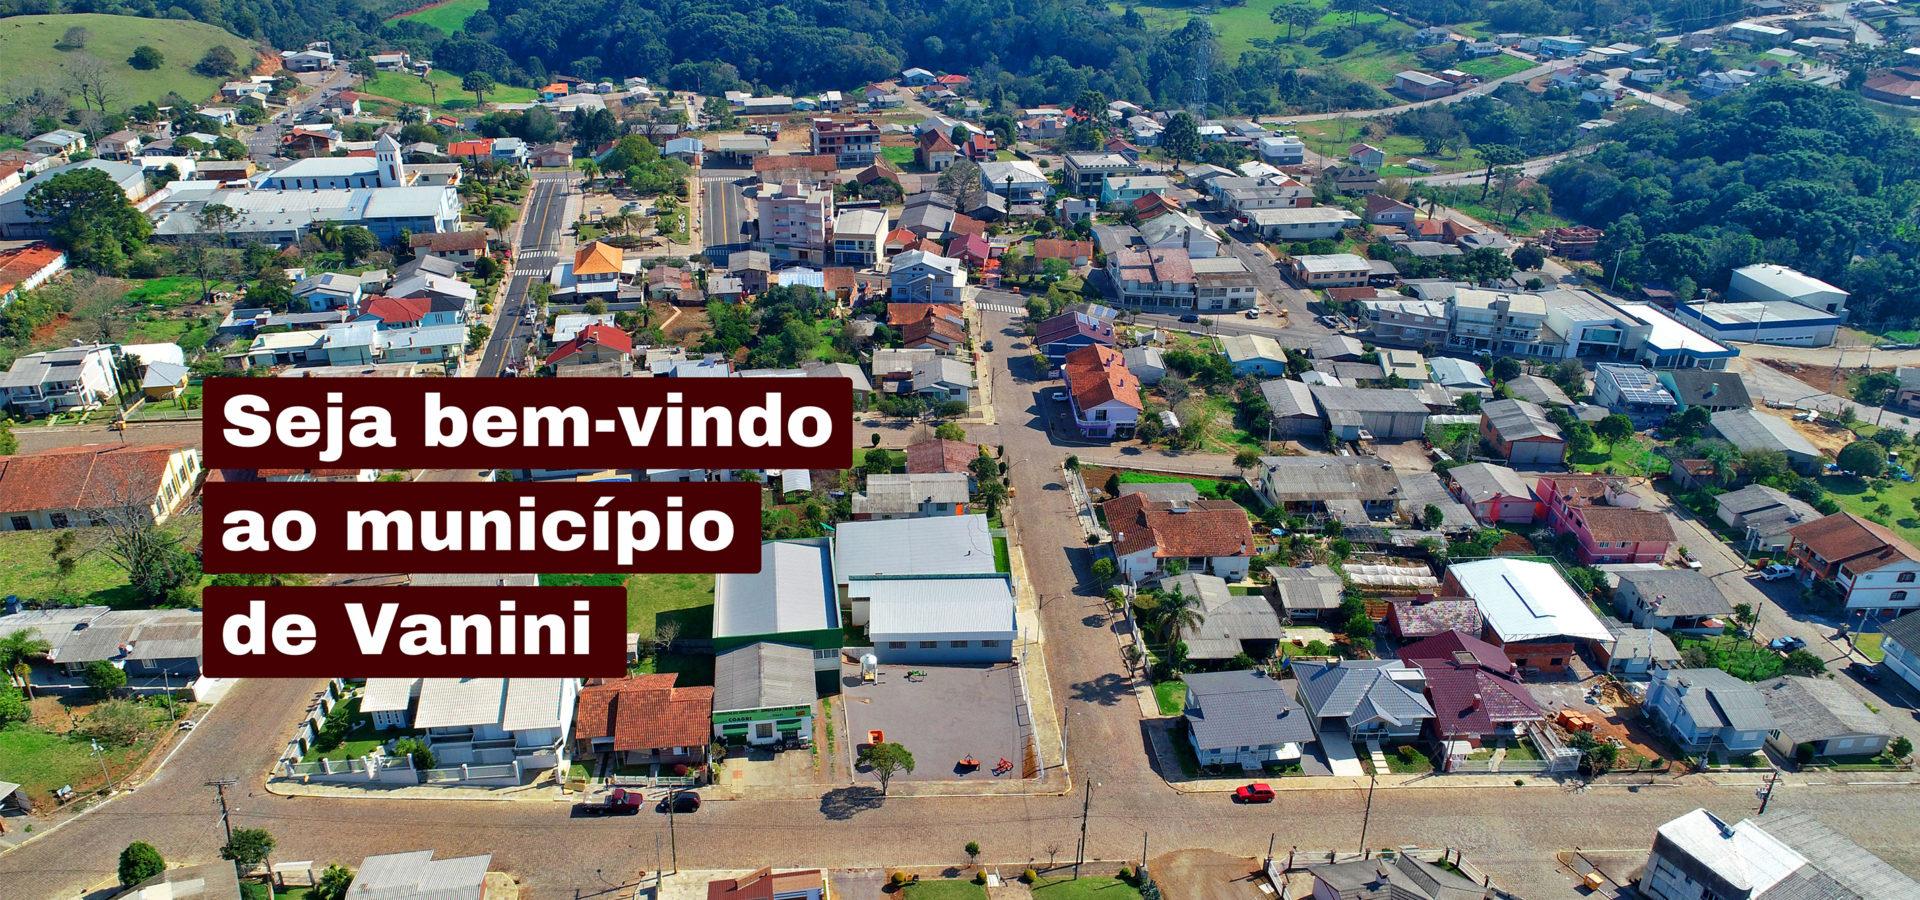 Fonte: prefeituradevanini.com.br